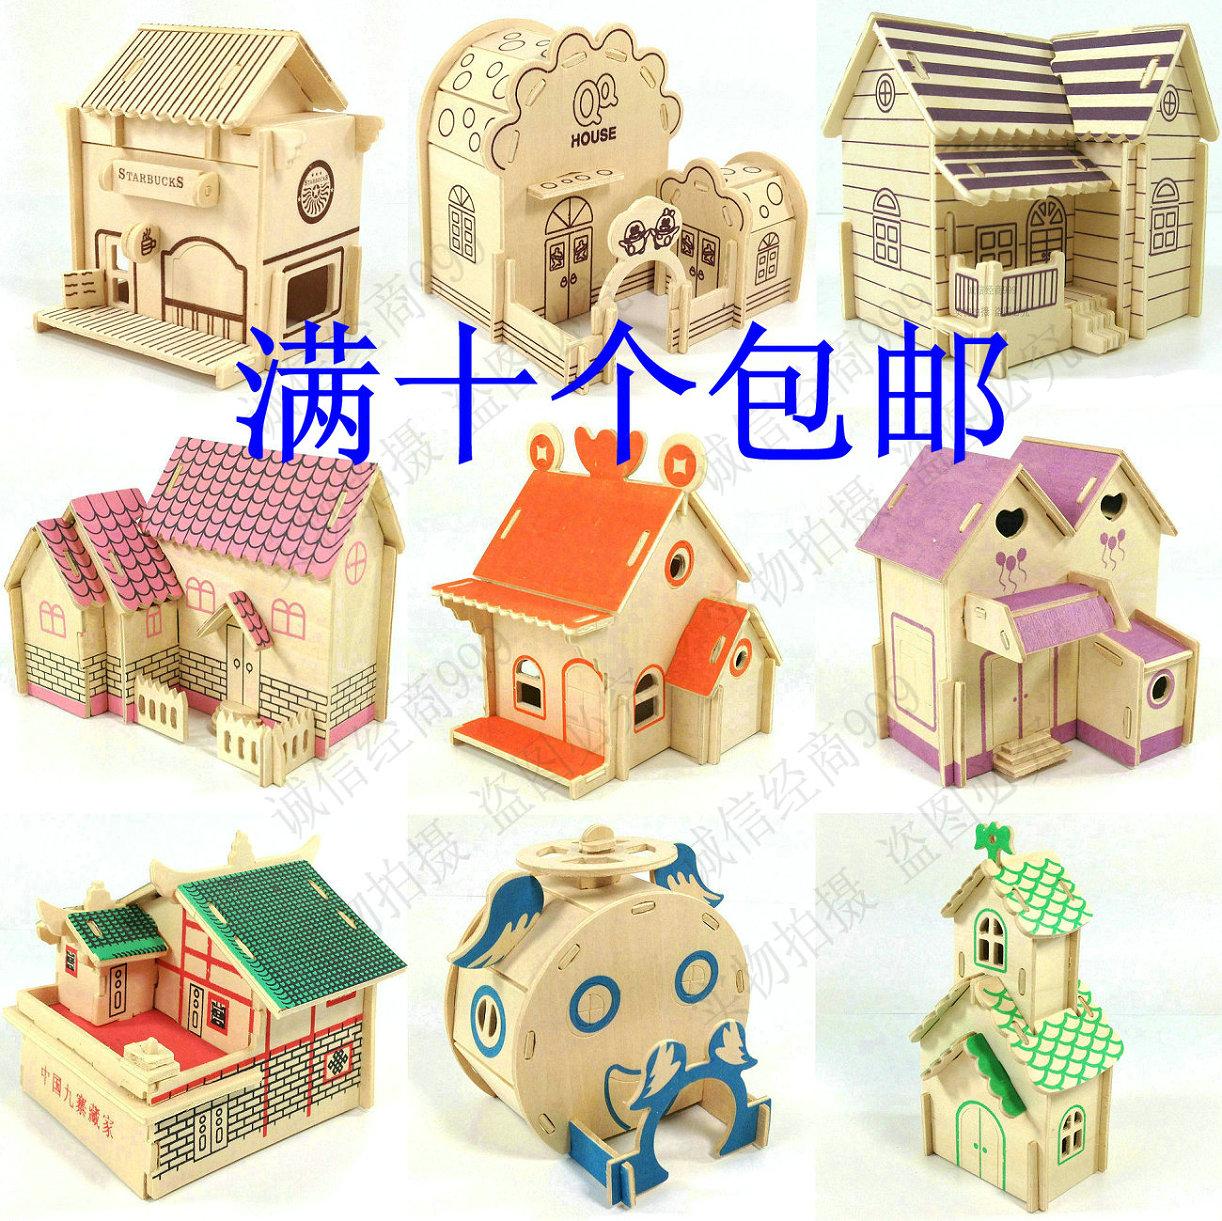 创意木质拼装模型屋 DIY小屋小房子建筑模型手工木头迷你玩具别墅